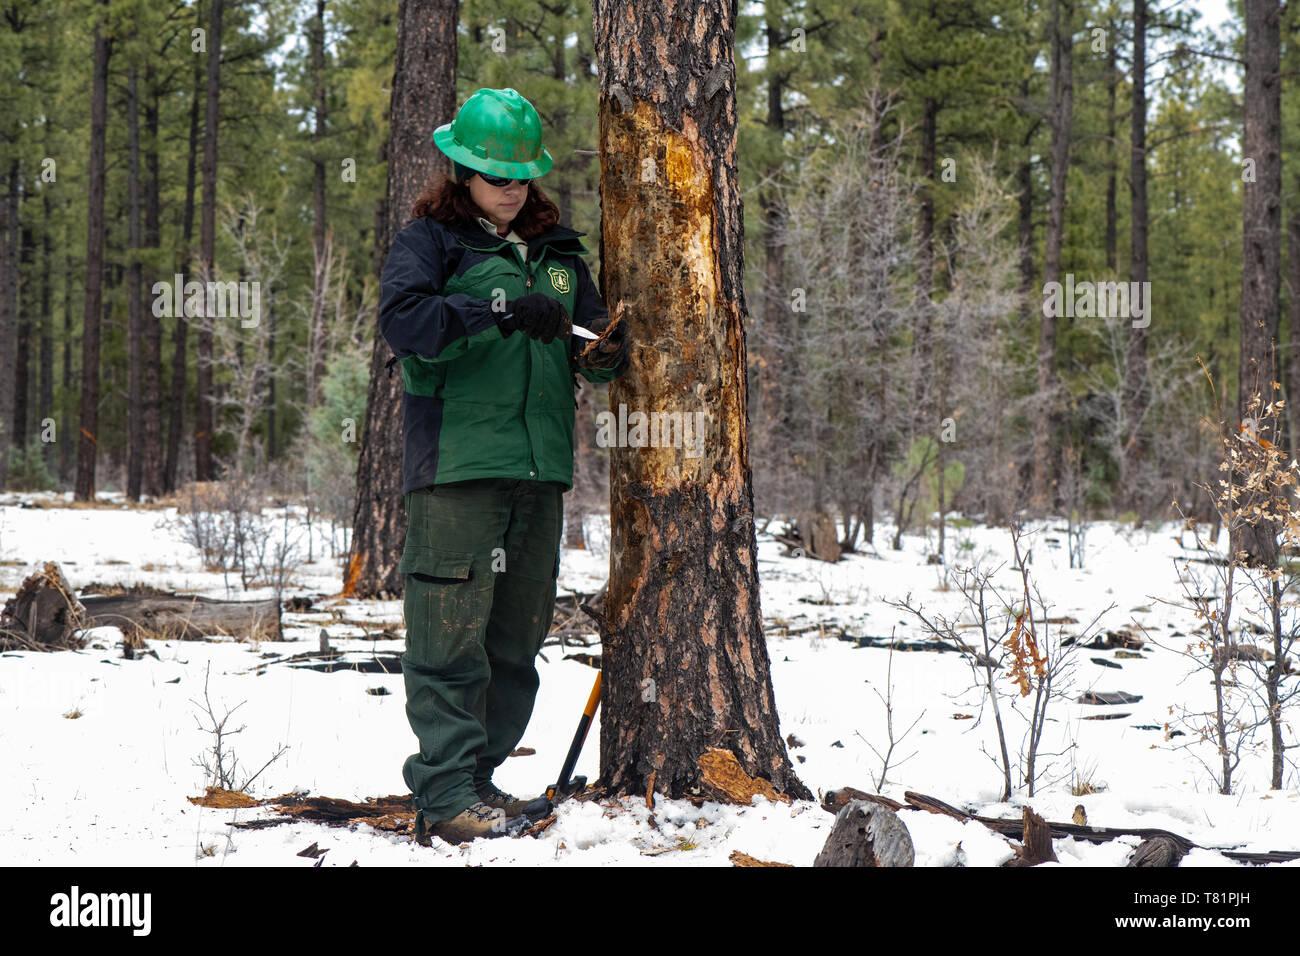 Looking for Beetles in Ponderosa Pine - Stock Image